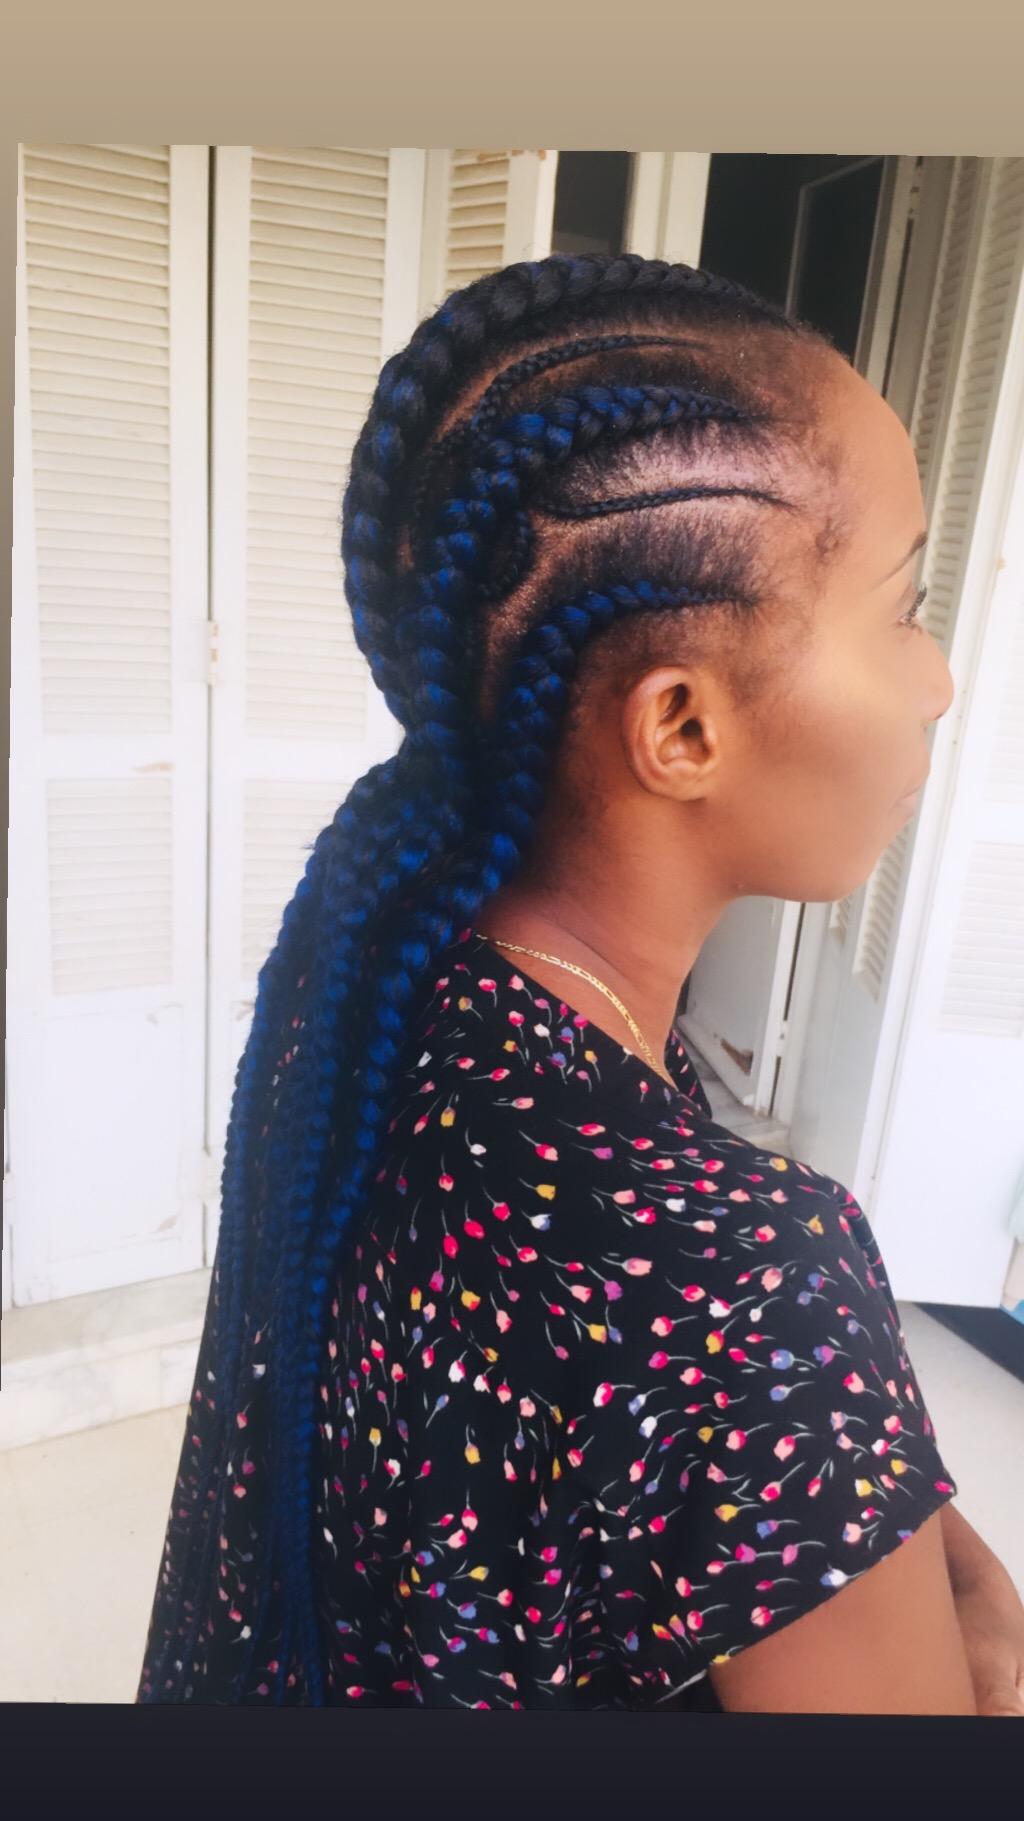 salon de coiffure afro tresse tresses box braids crochet braids vanilles tissages paris 75 77 78 91 92 93 94 95 KZAWBQKB